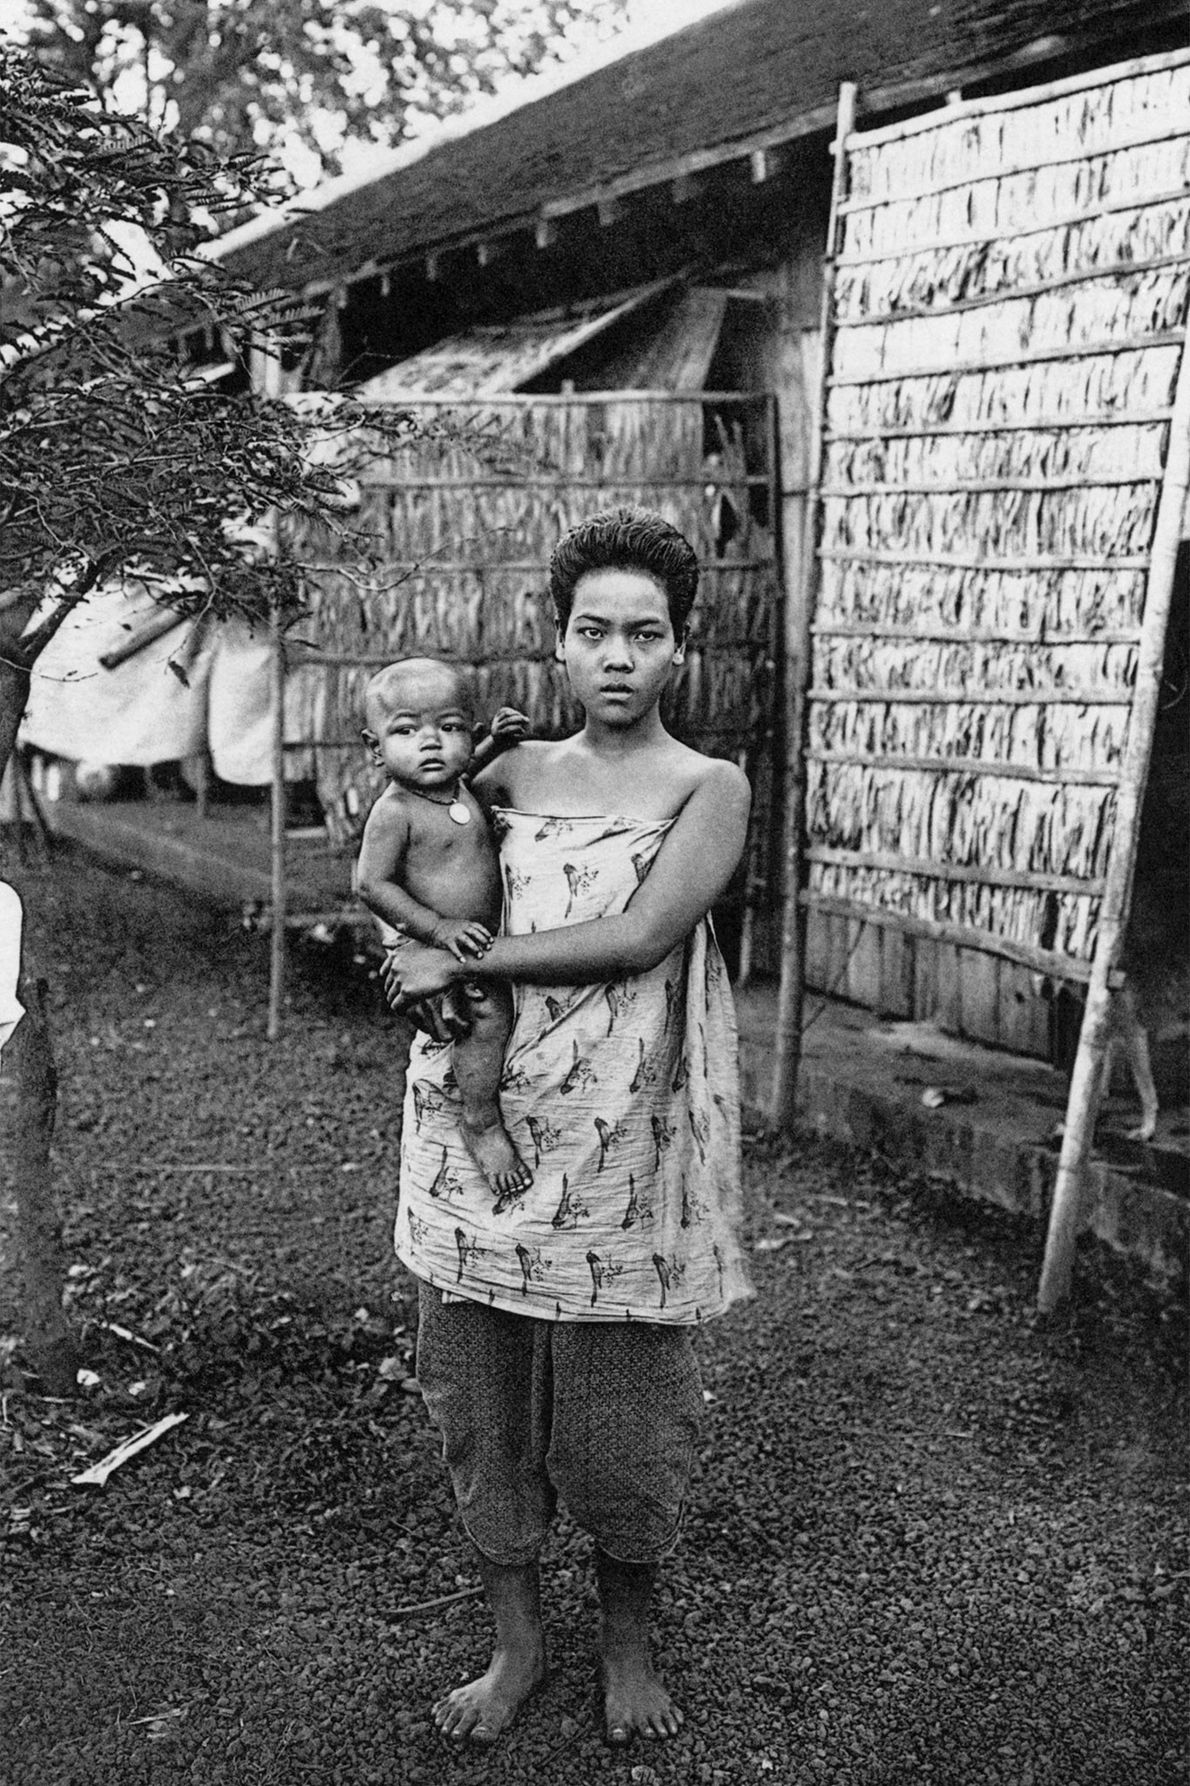 Eine Mutter in Kambodscha mit ihrem Kind.